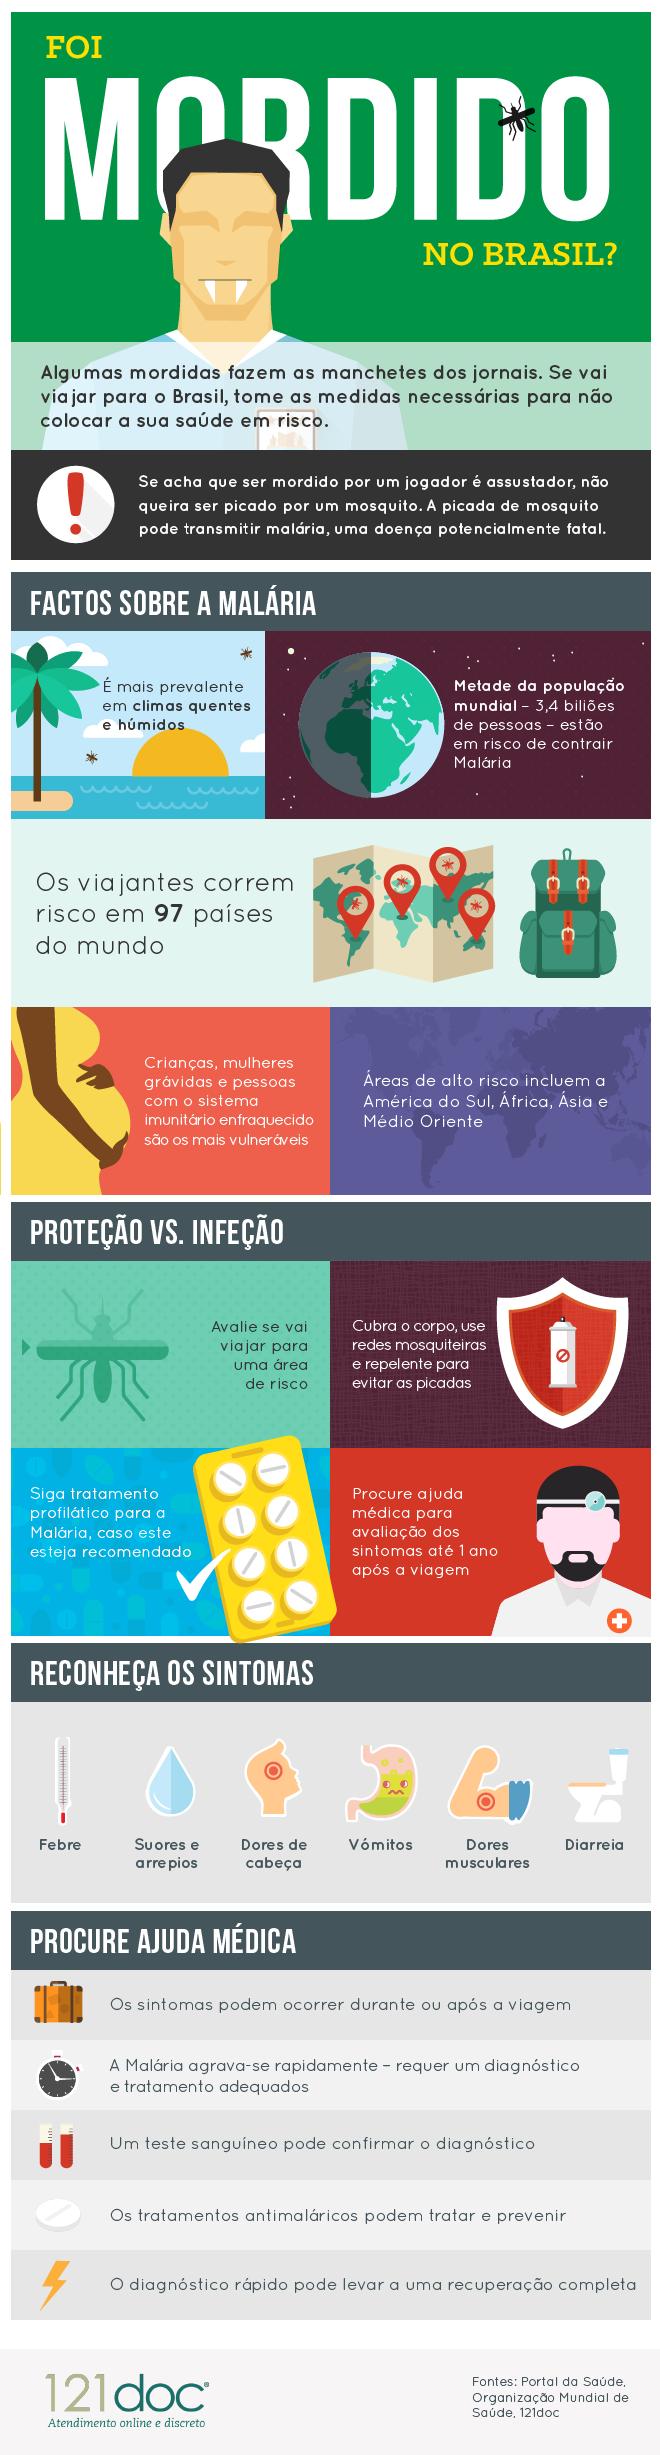 Malária - Foi mordido no Brasil?